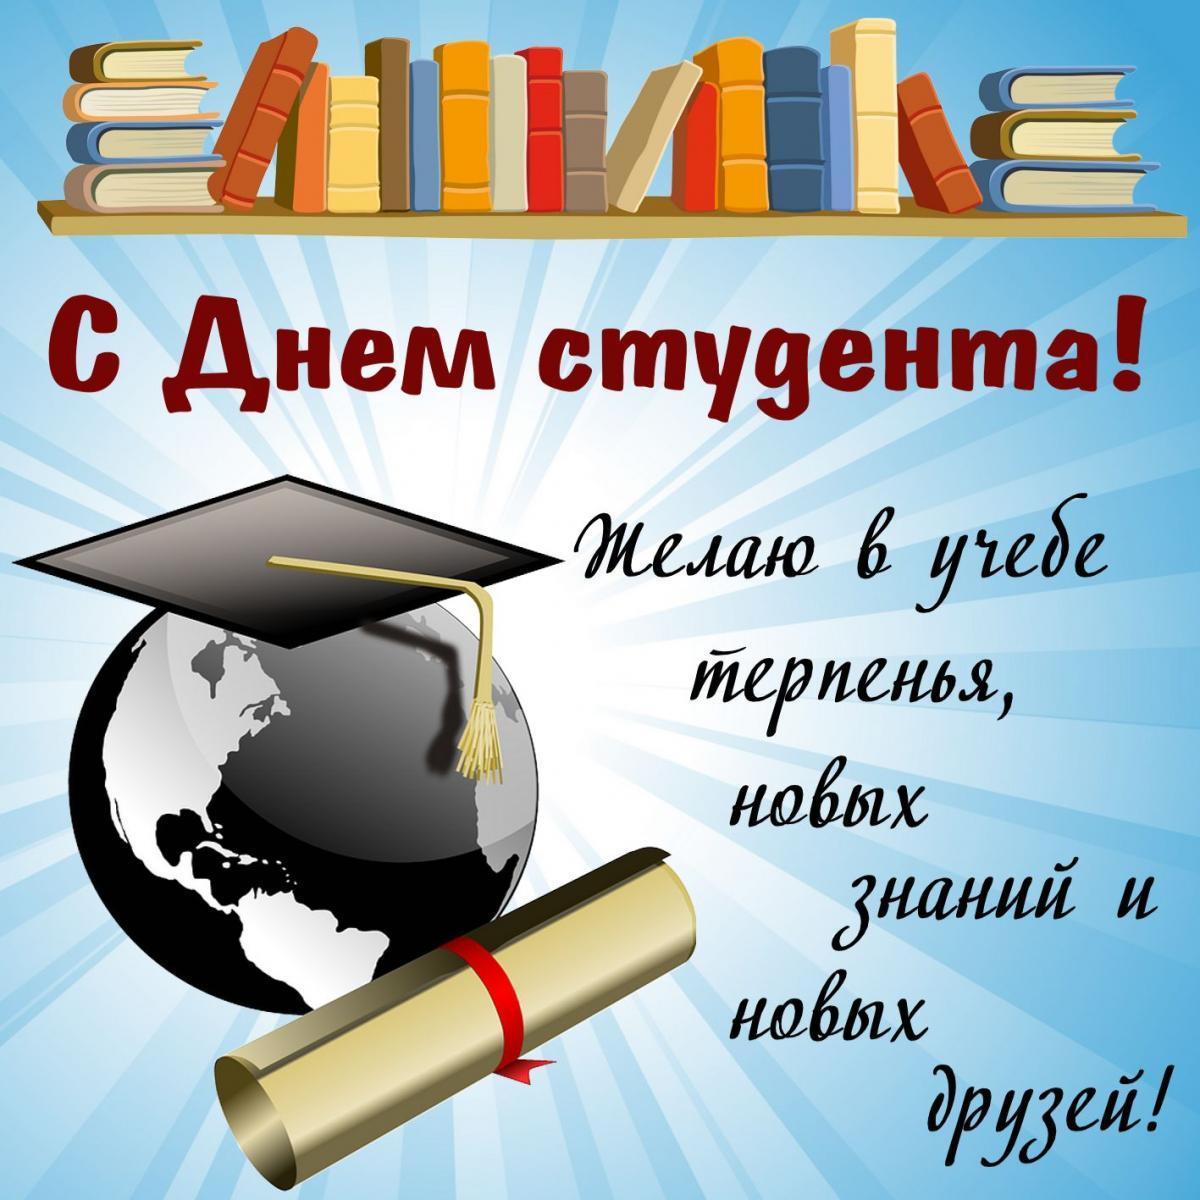 Поздравления студентам с татьяниным днем